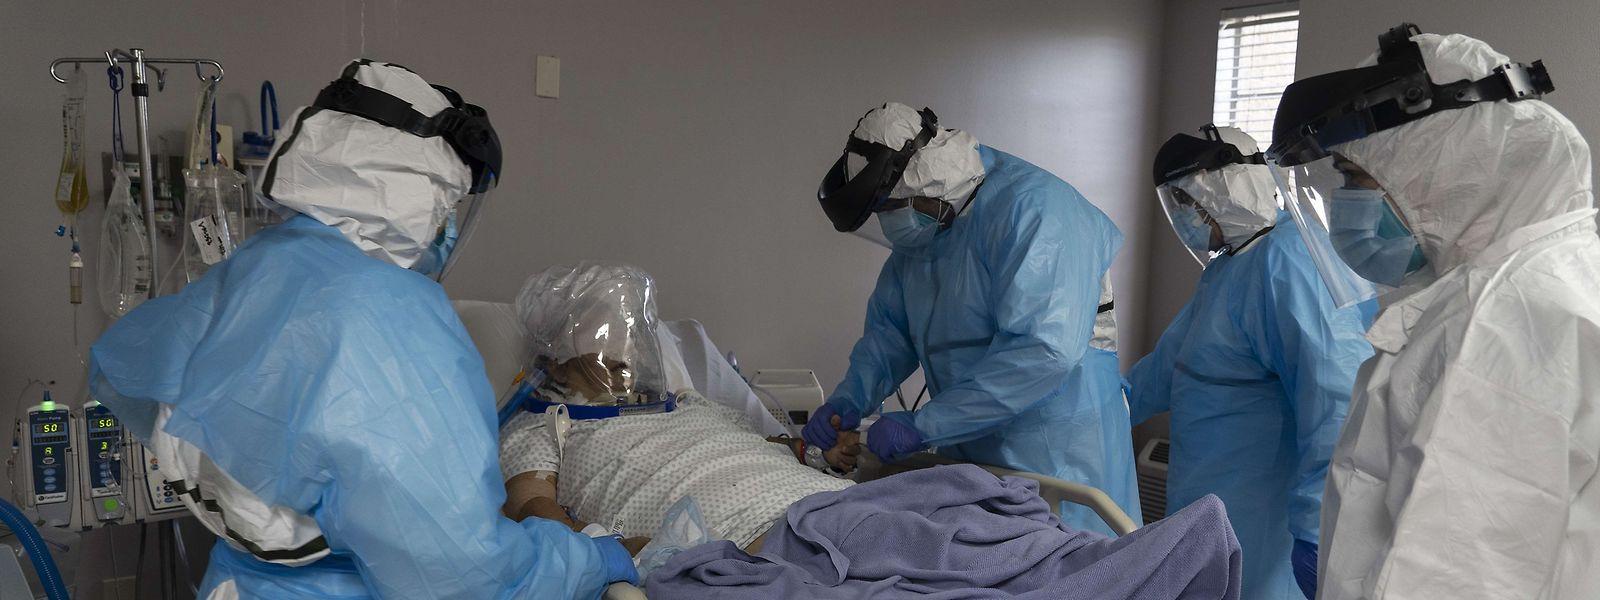 Ärzte in Houston, Texas, kämpfen um das Leben eines Covid-19-Patienten.